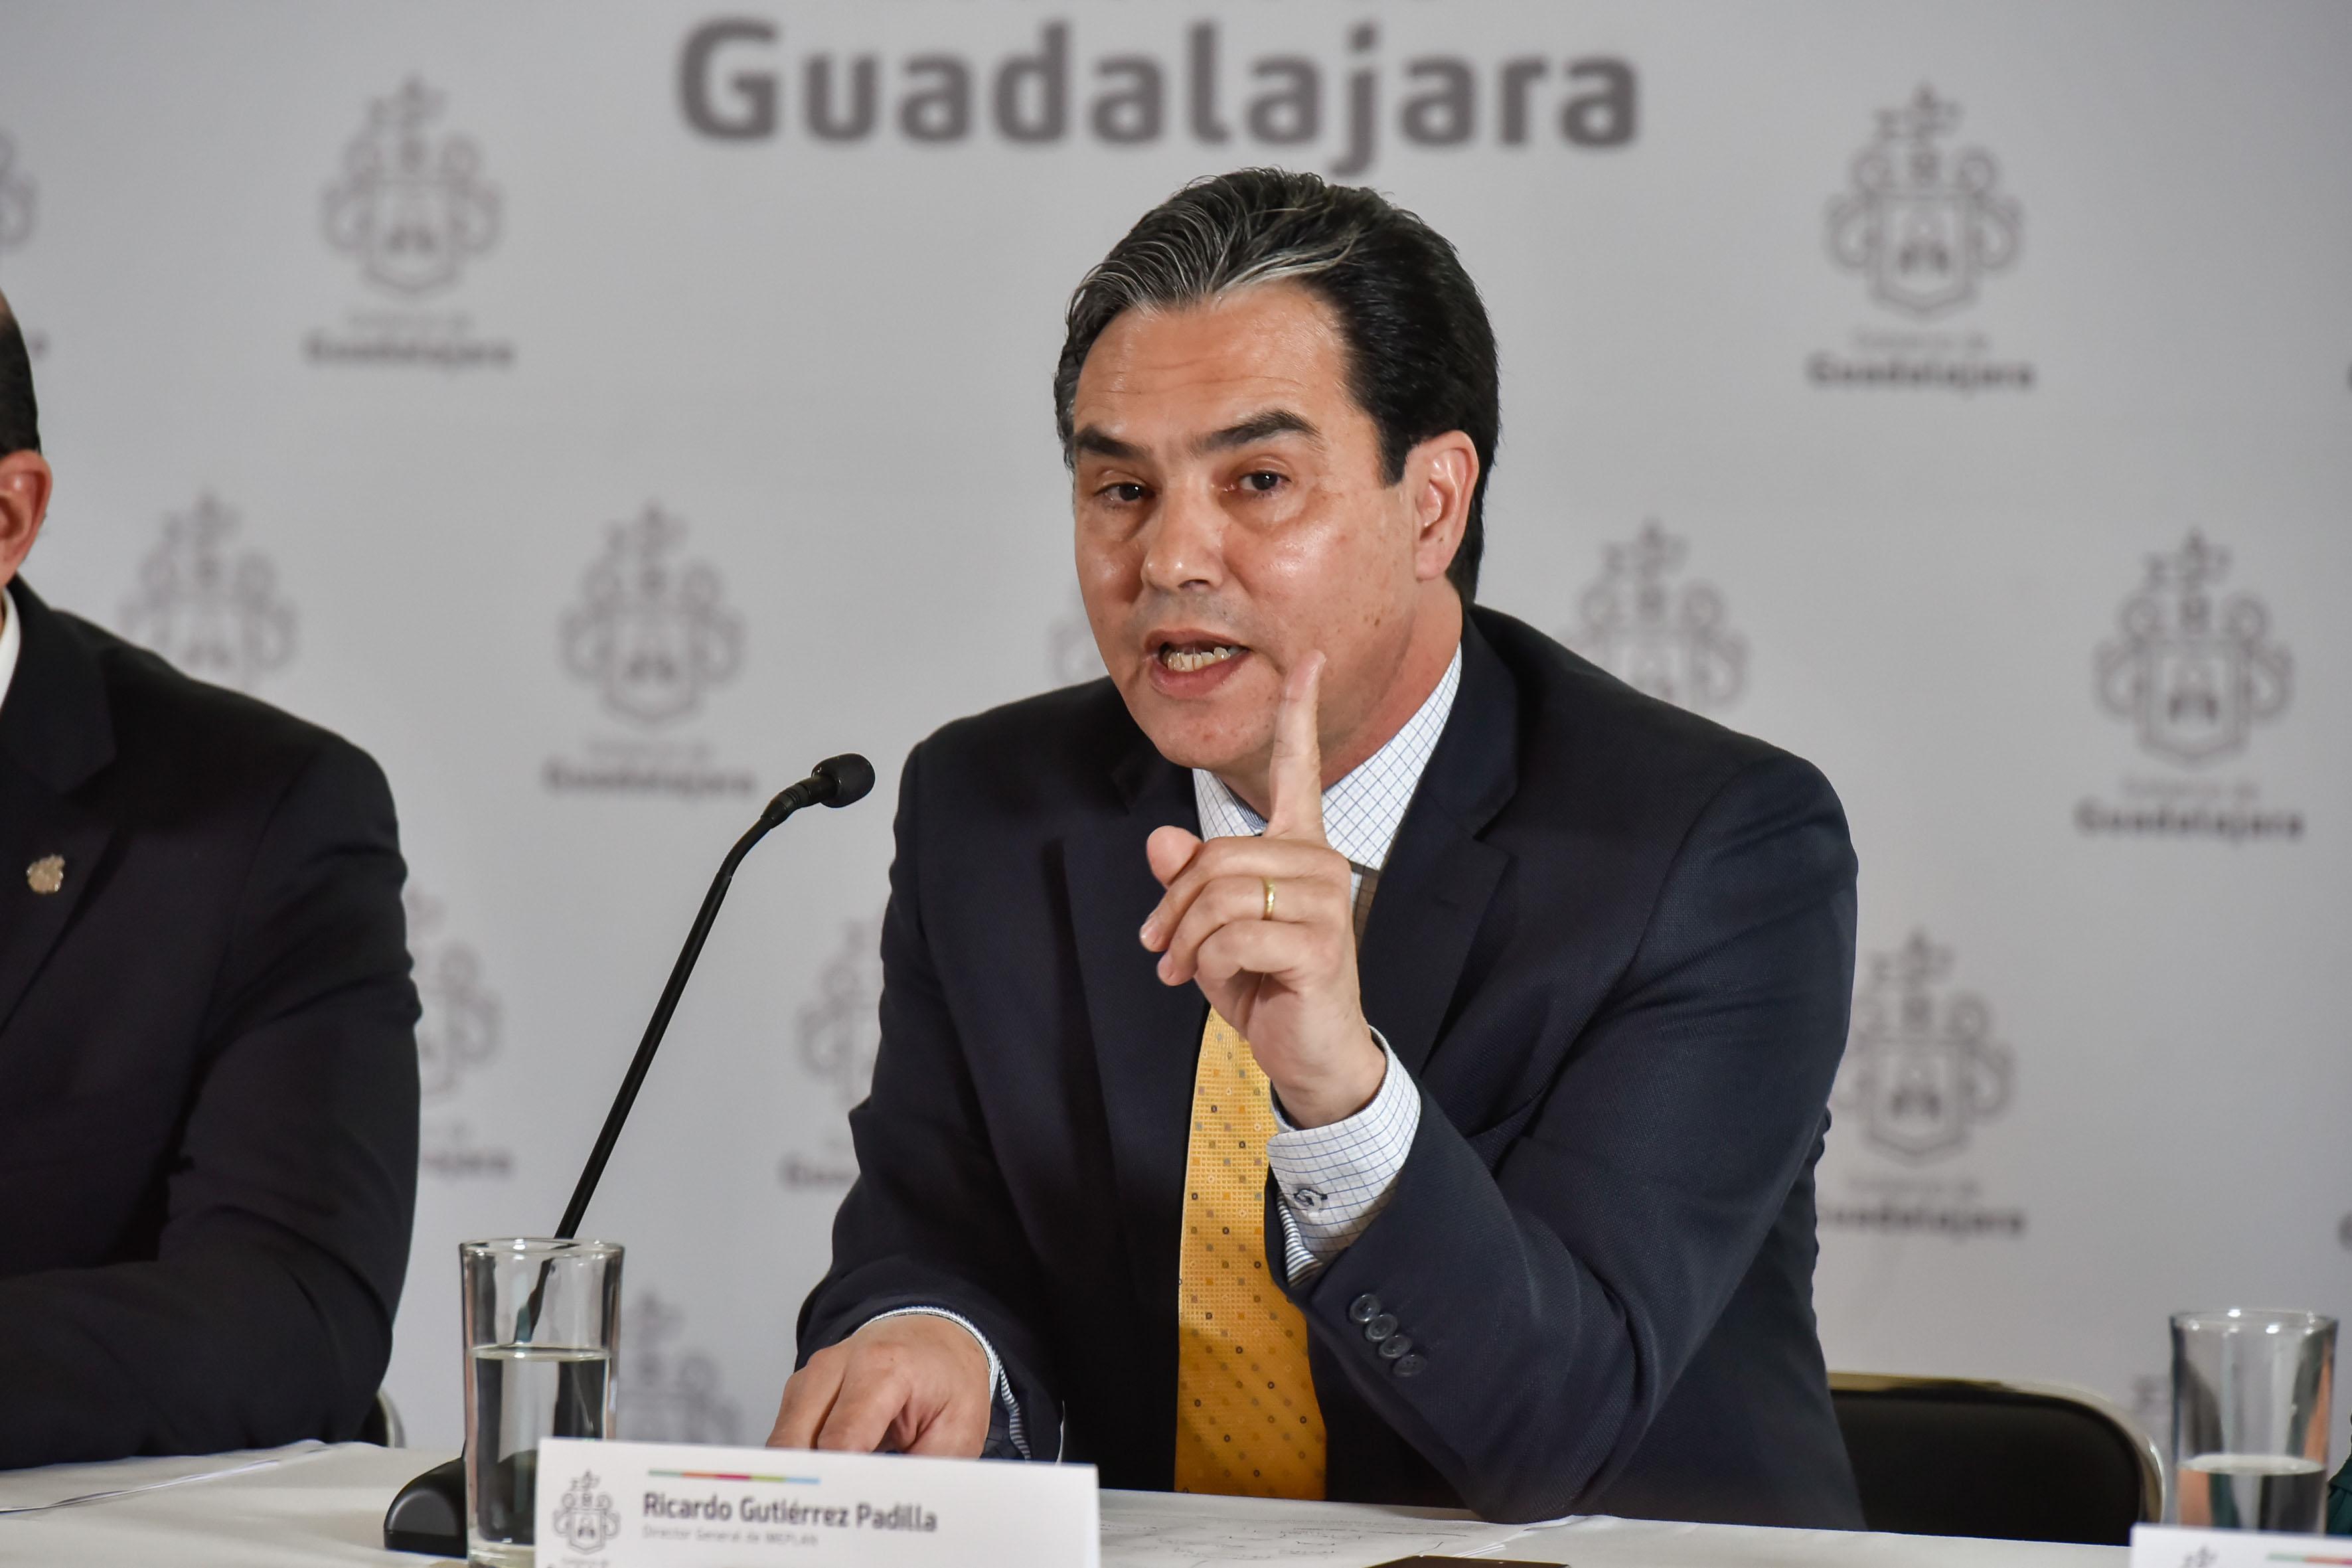 Director del Instituto Metropolitano de Planeación (Imeplan), doctor Ricardo Gutiérrez Padilla